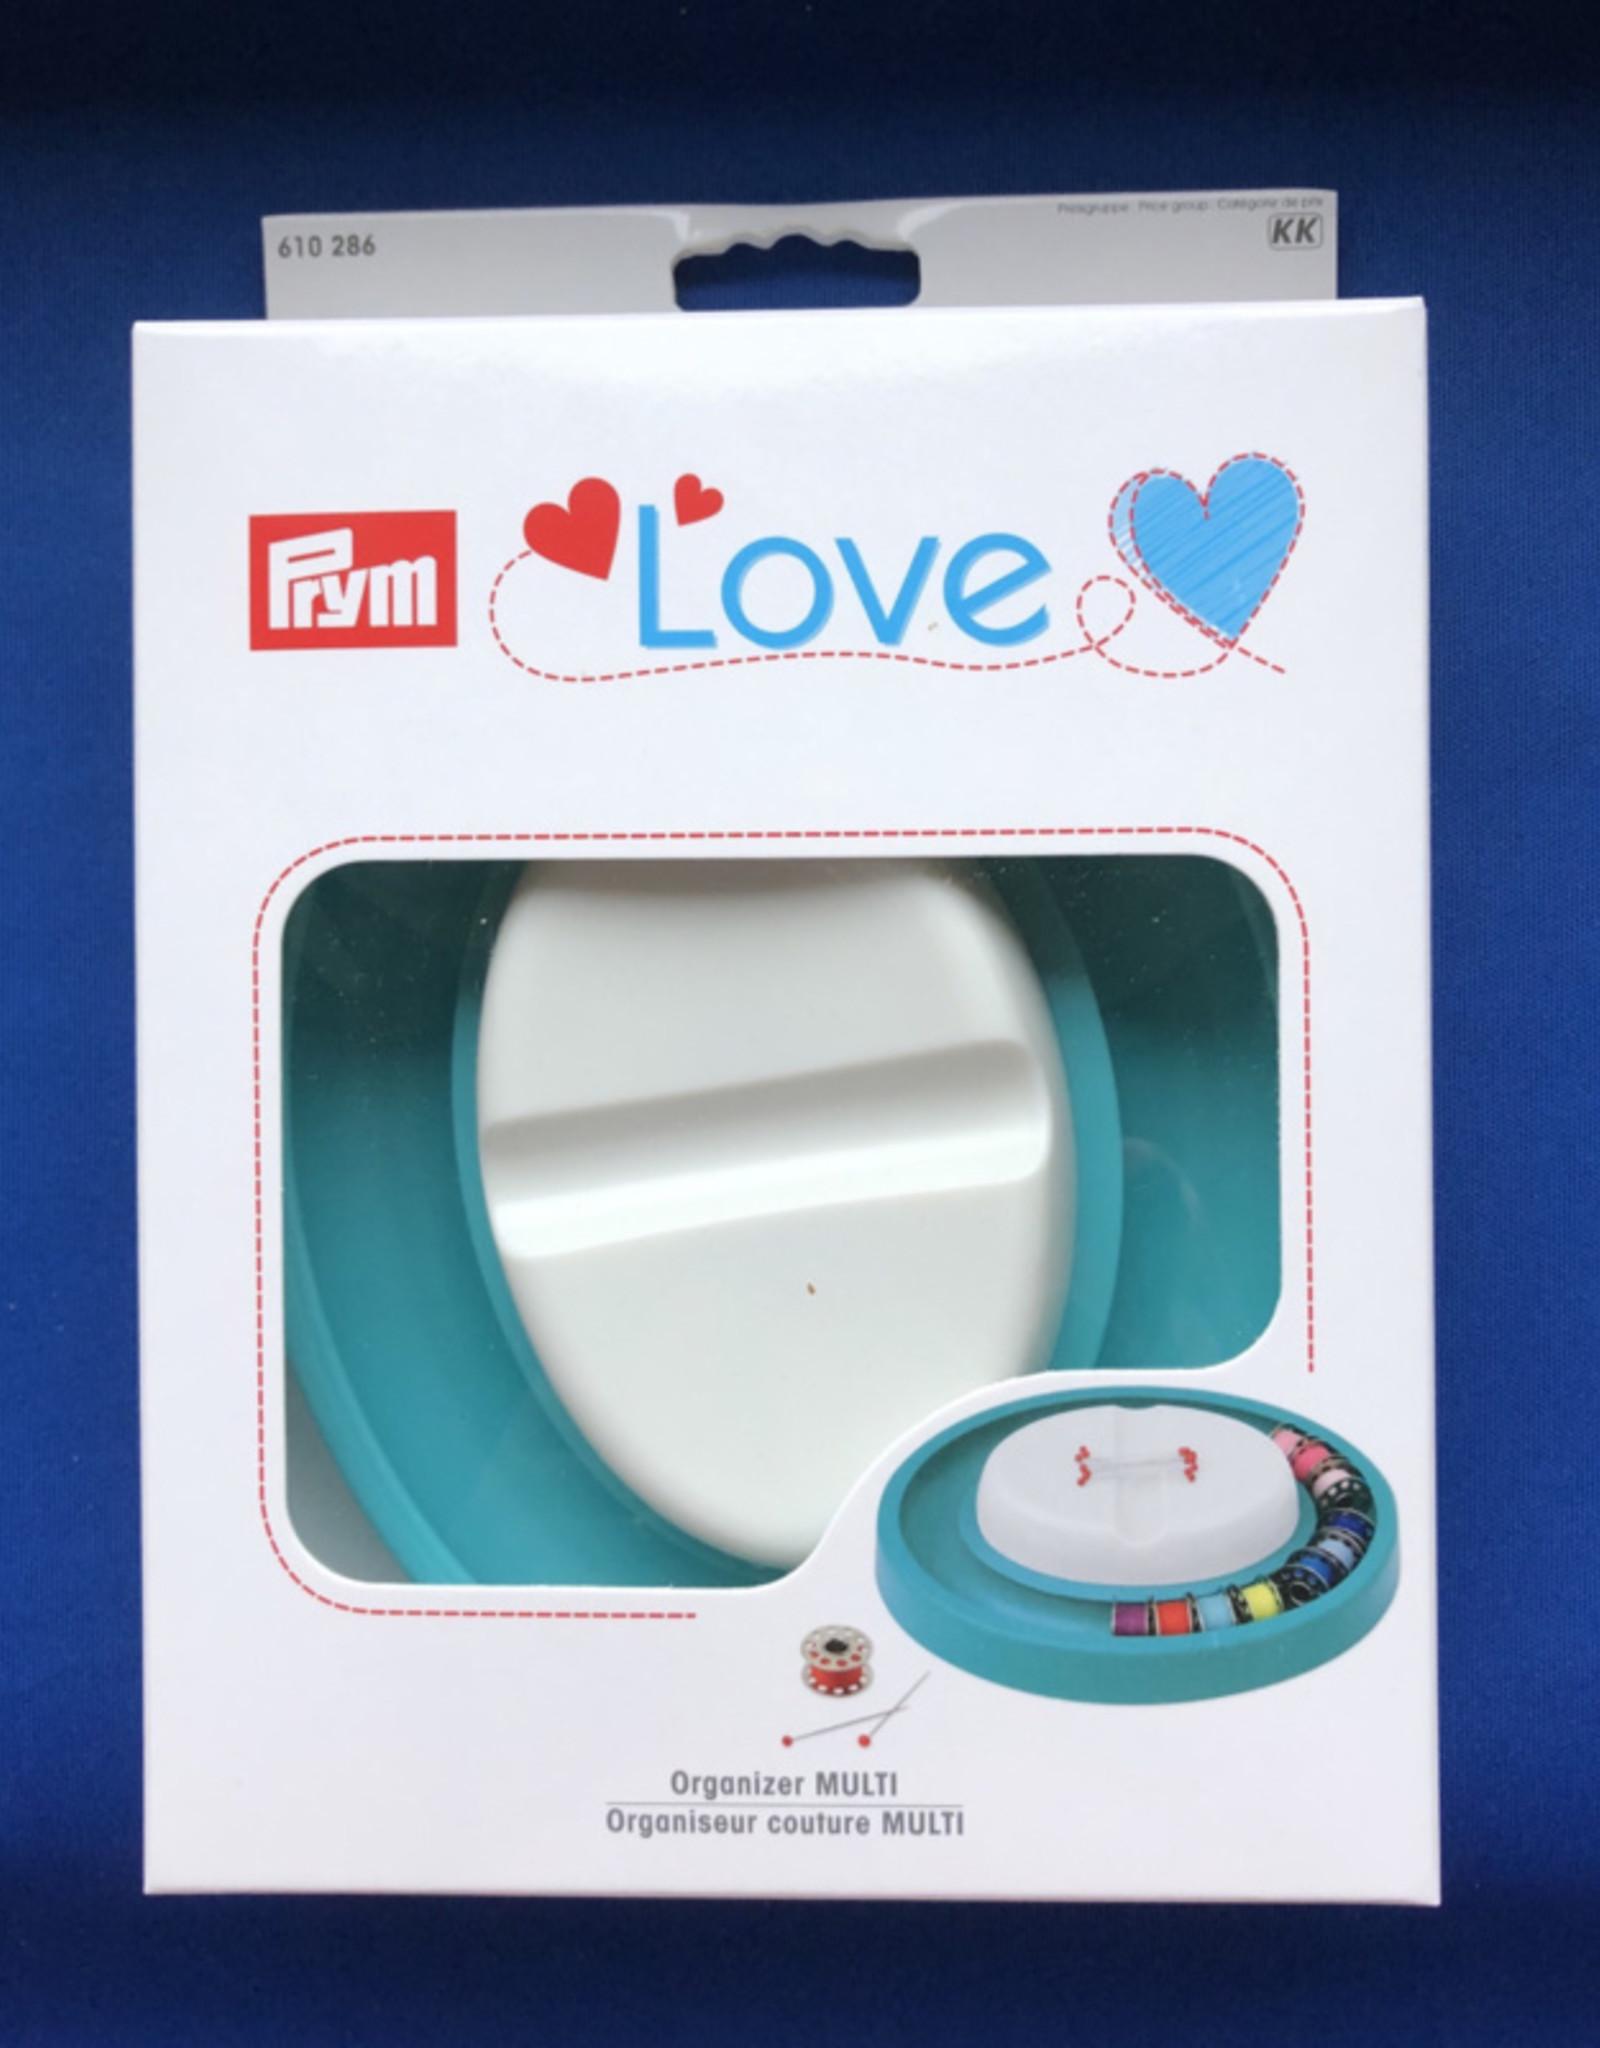 Prym Prym - Love organizer multi - 610 286